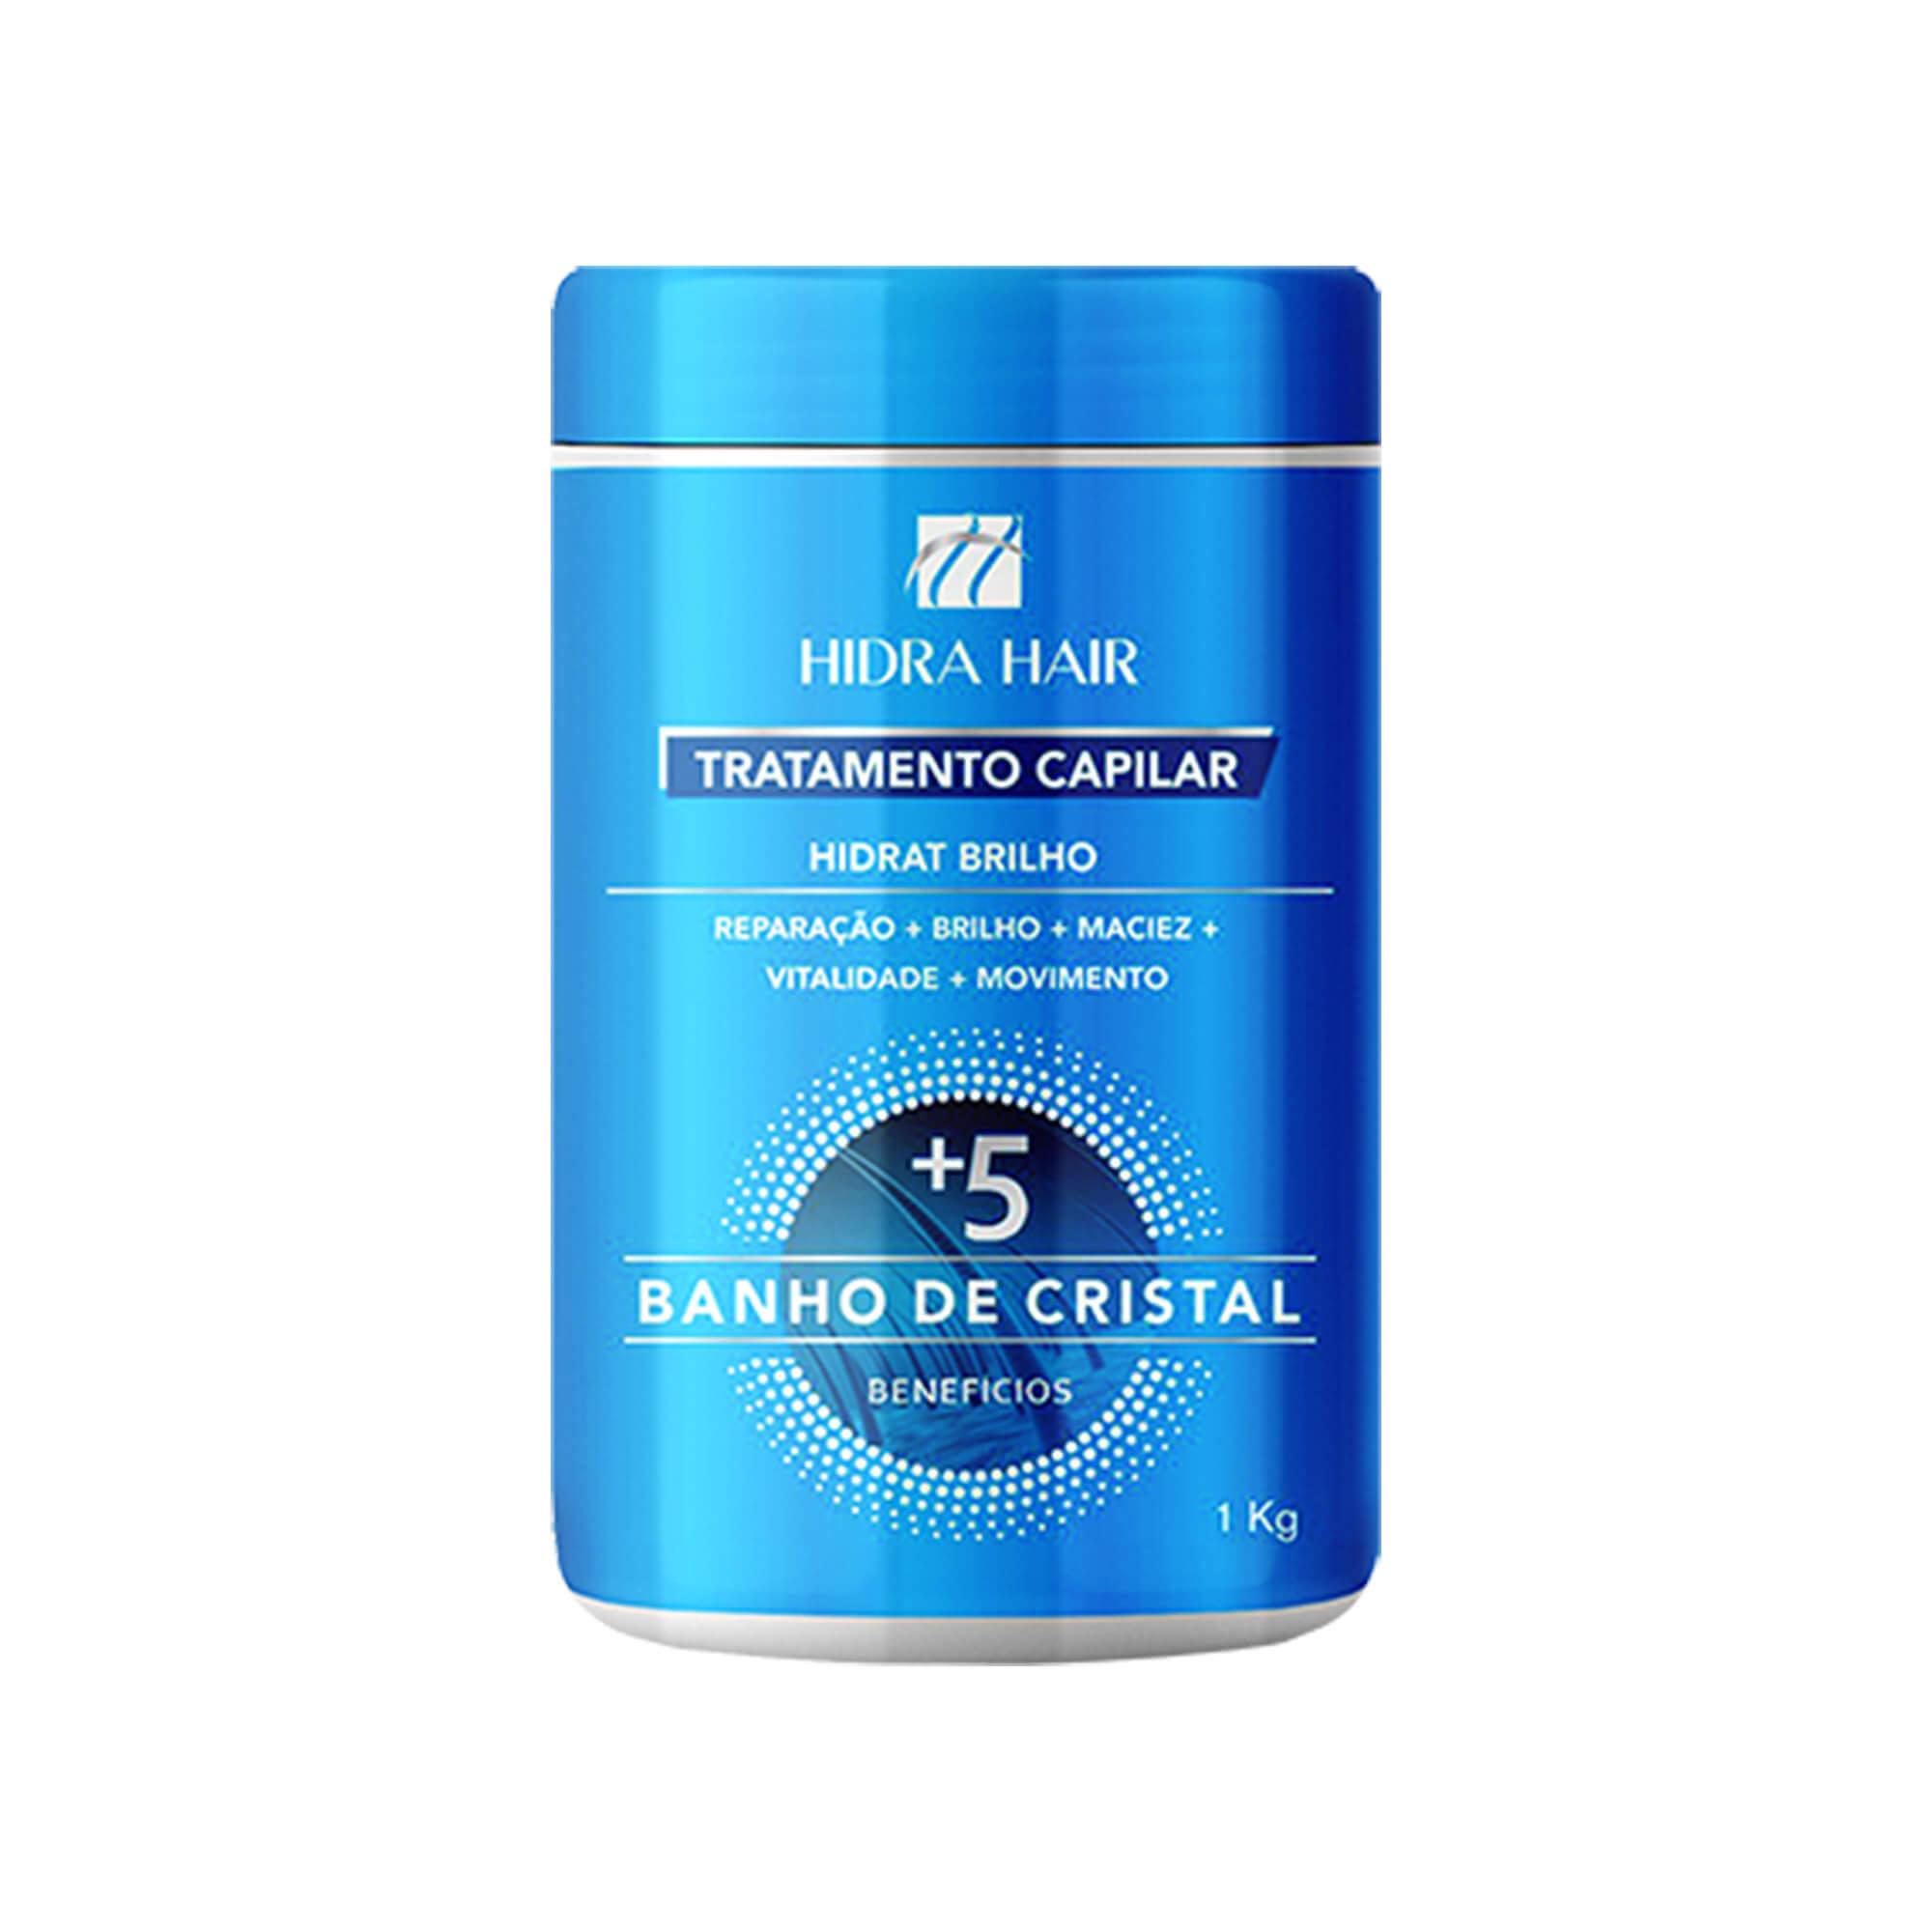 Máscara de Tratamento Capilar Banho de Cristal 1 Kg